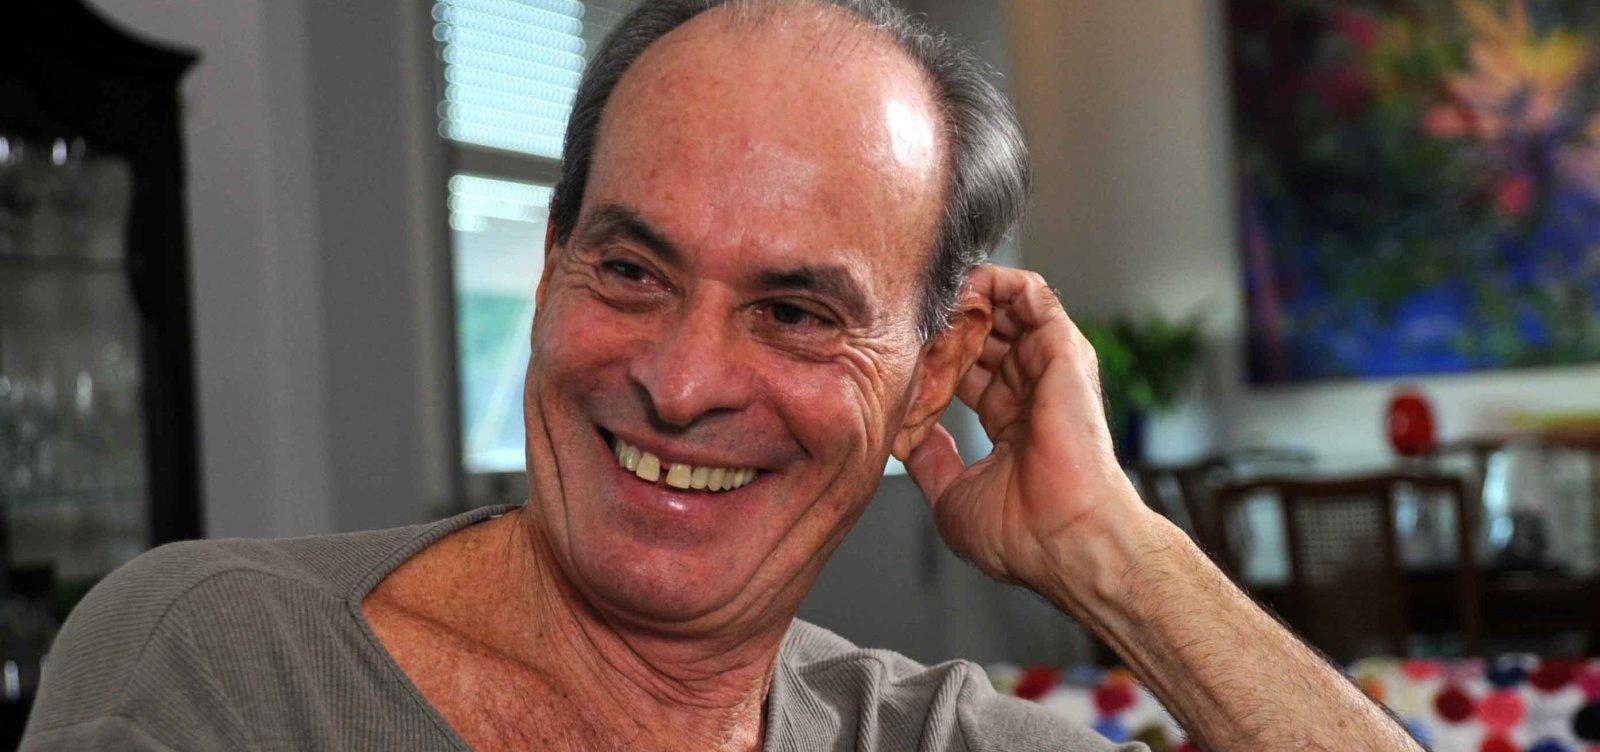 ['Ainda não vejo semelhanças', diz Ney Matogrosso sobre momento atual e ditadura militar]